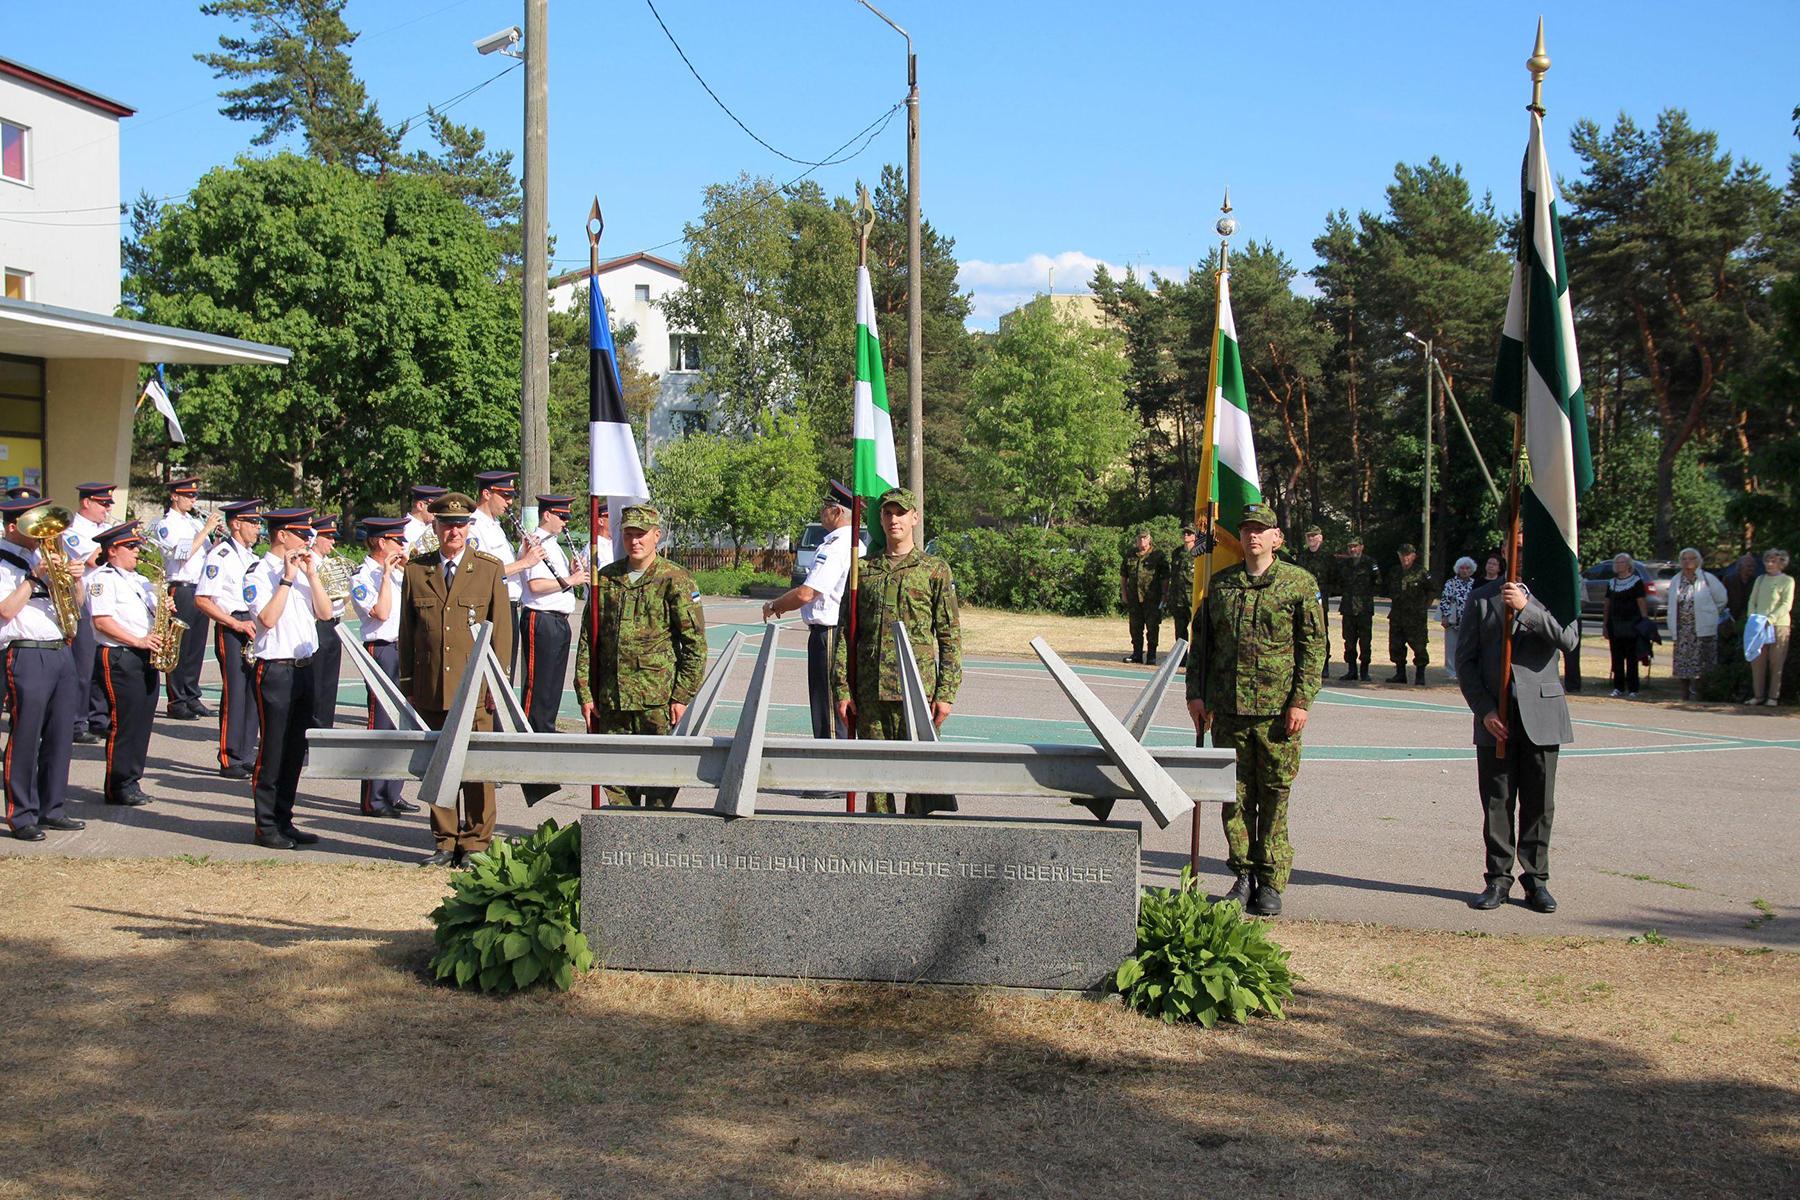 1045477f4c2 Pildil 2018. a 14. juunil Pääsküla jaama juures toimunud juuniküüditamise  mälestustseremoonia. Foto Jukko